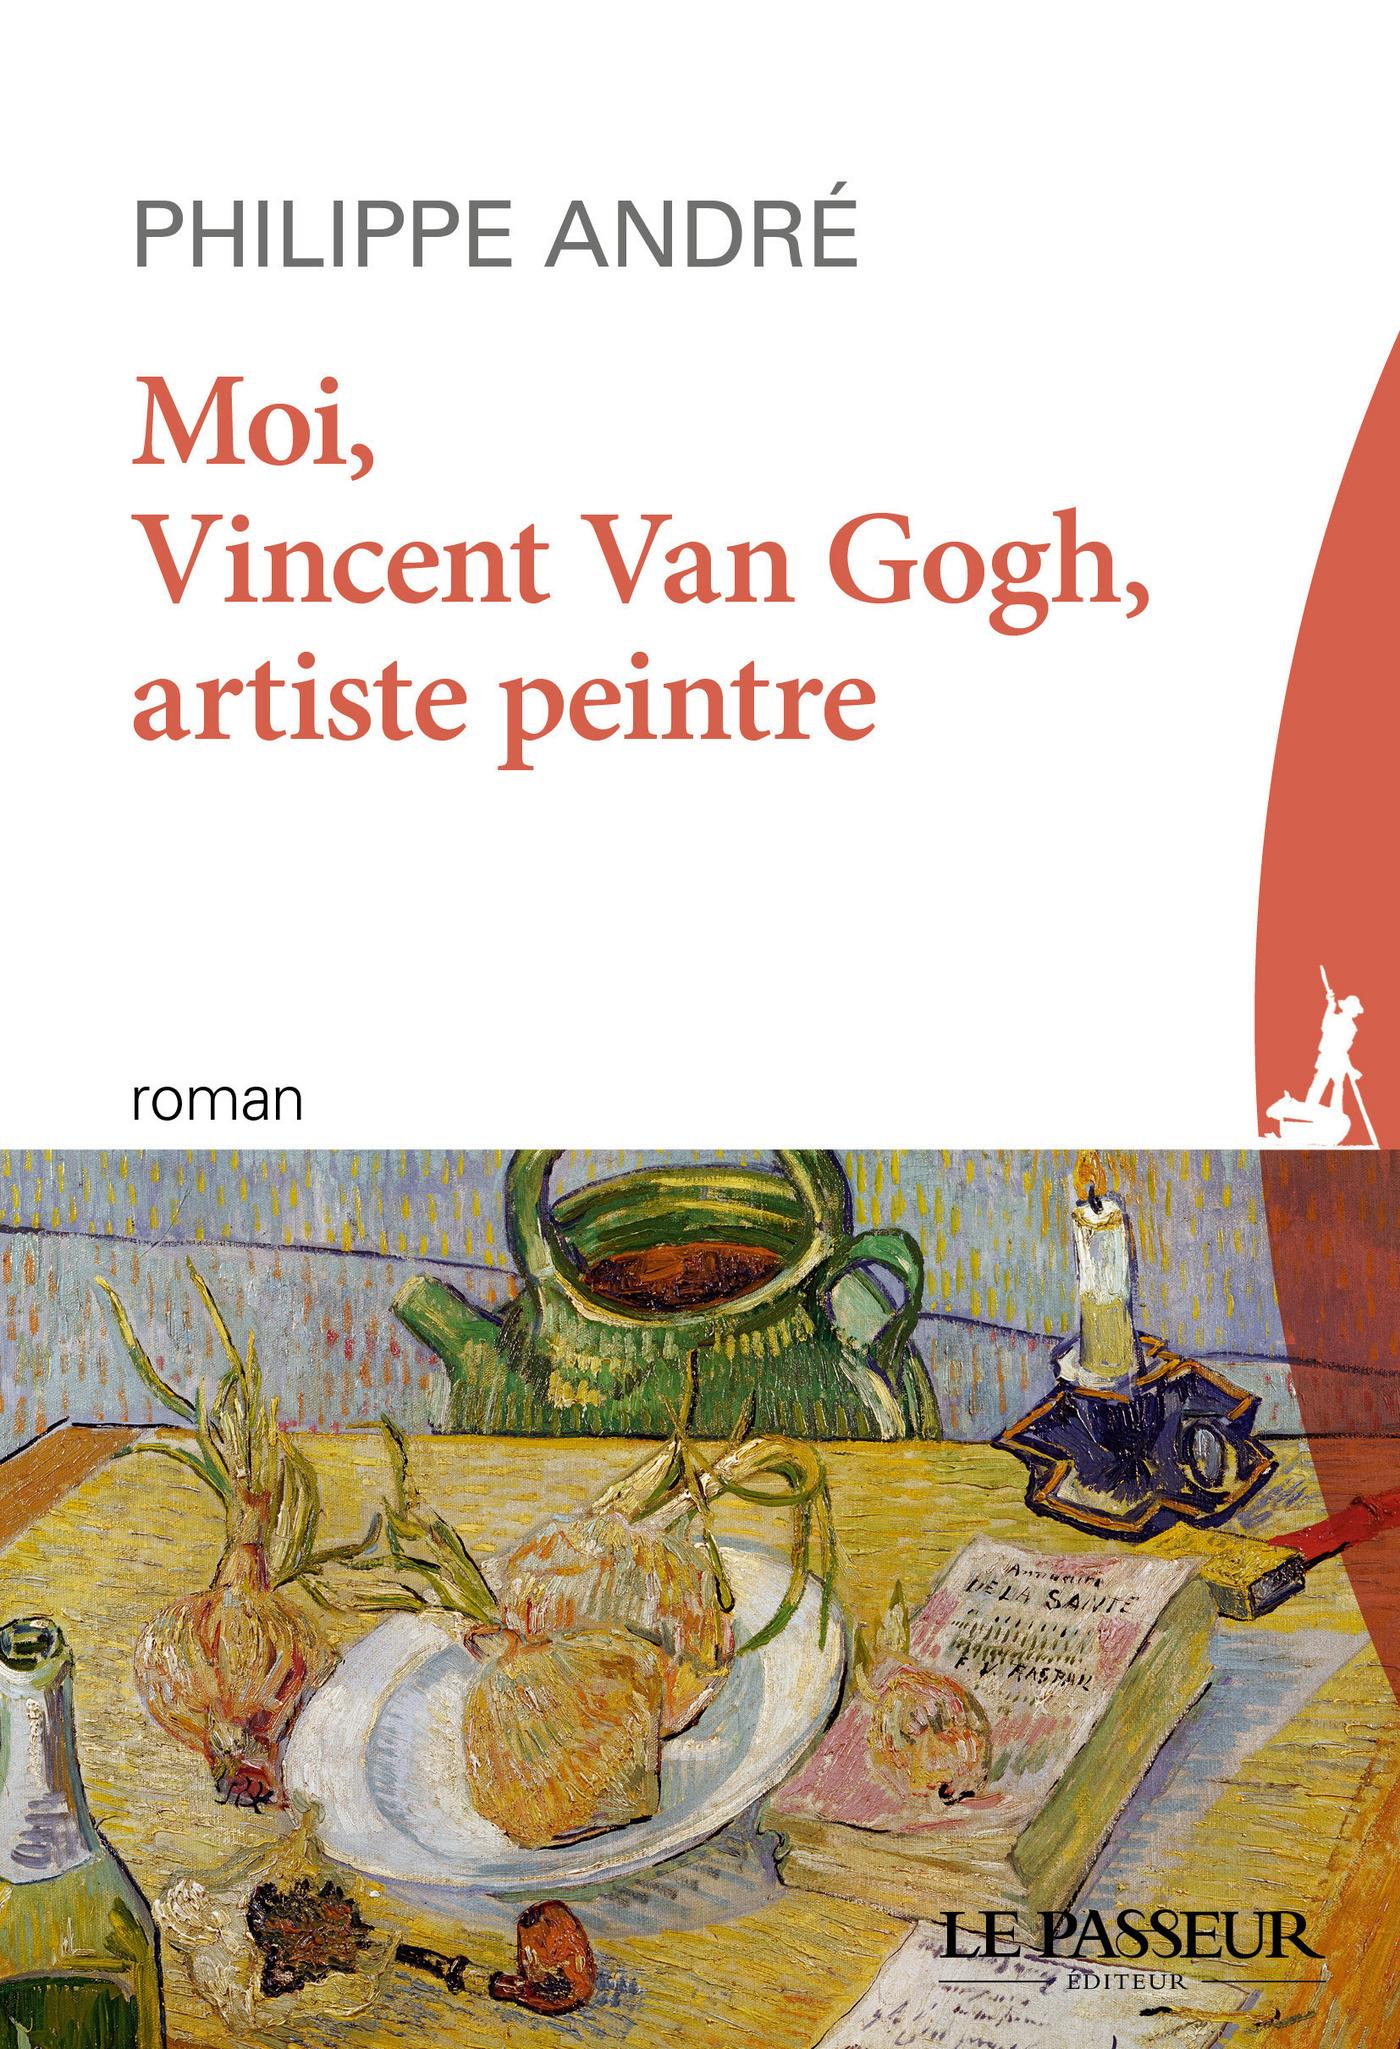 Moi, Vincent Van Gogh, artiste peintre